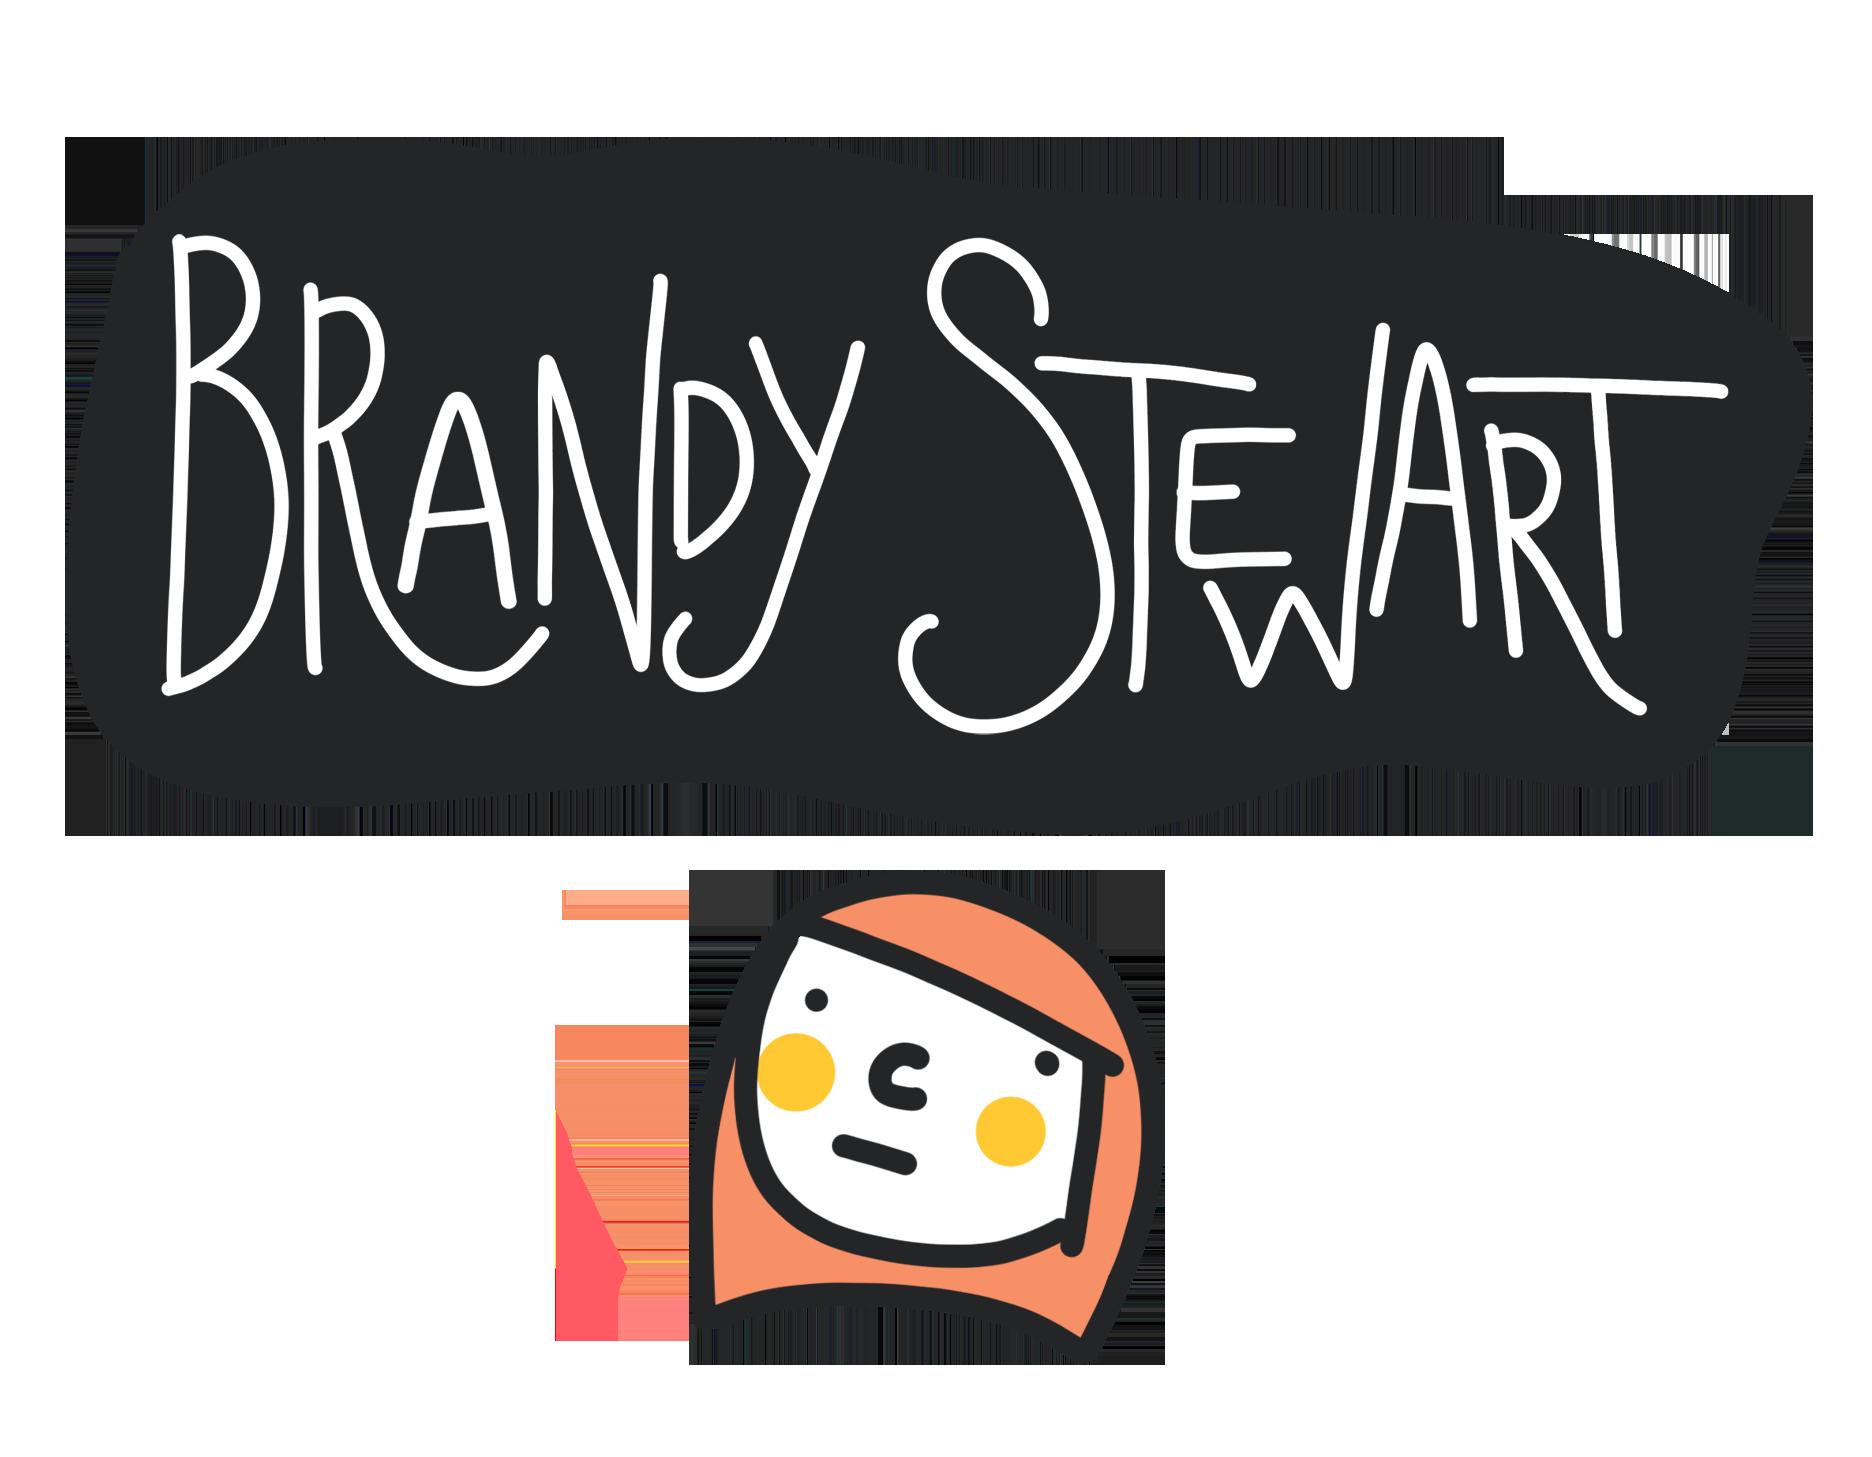 Brandy Stewart